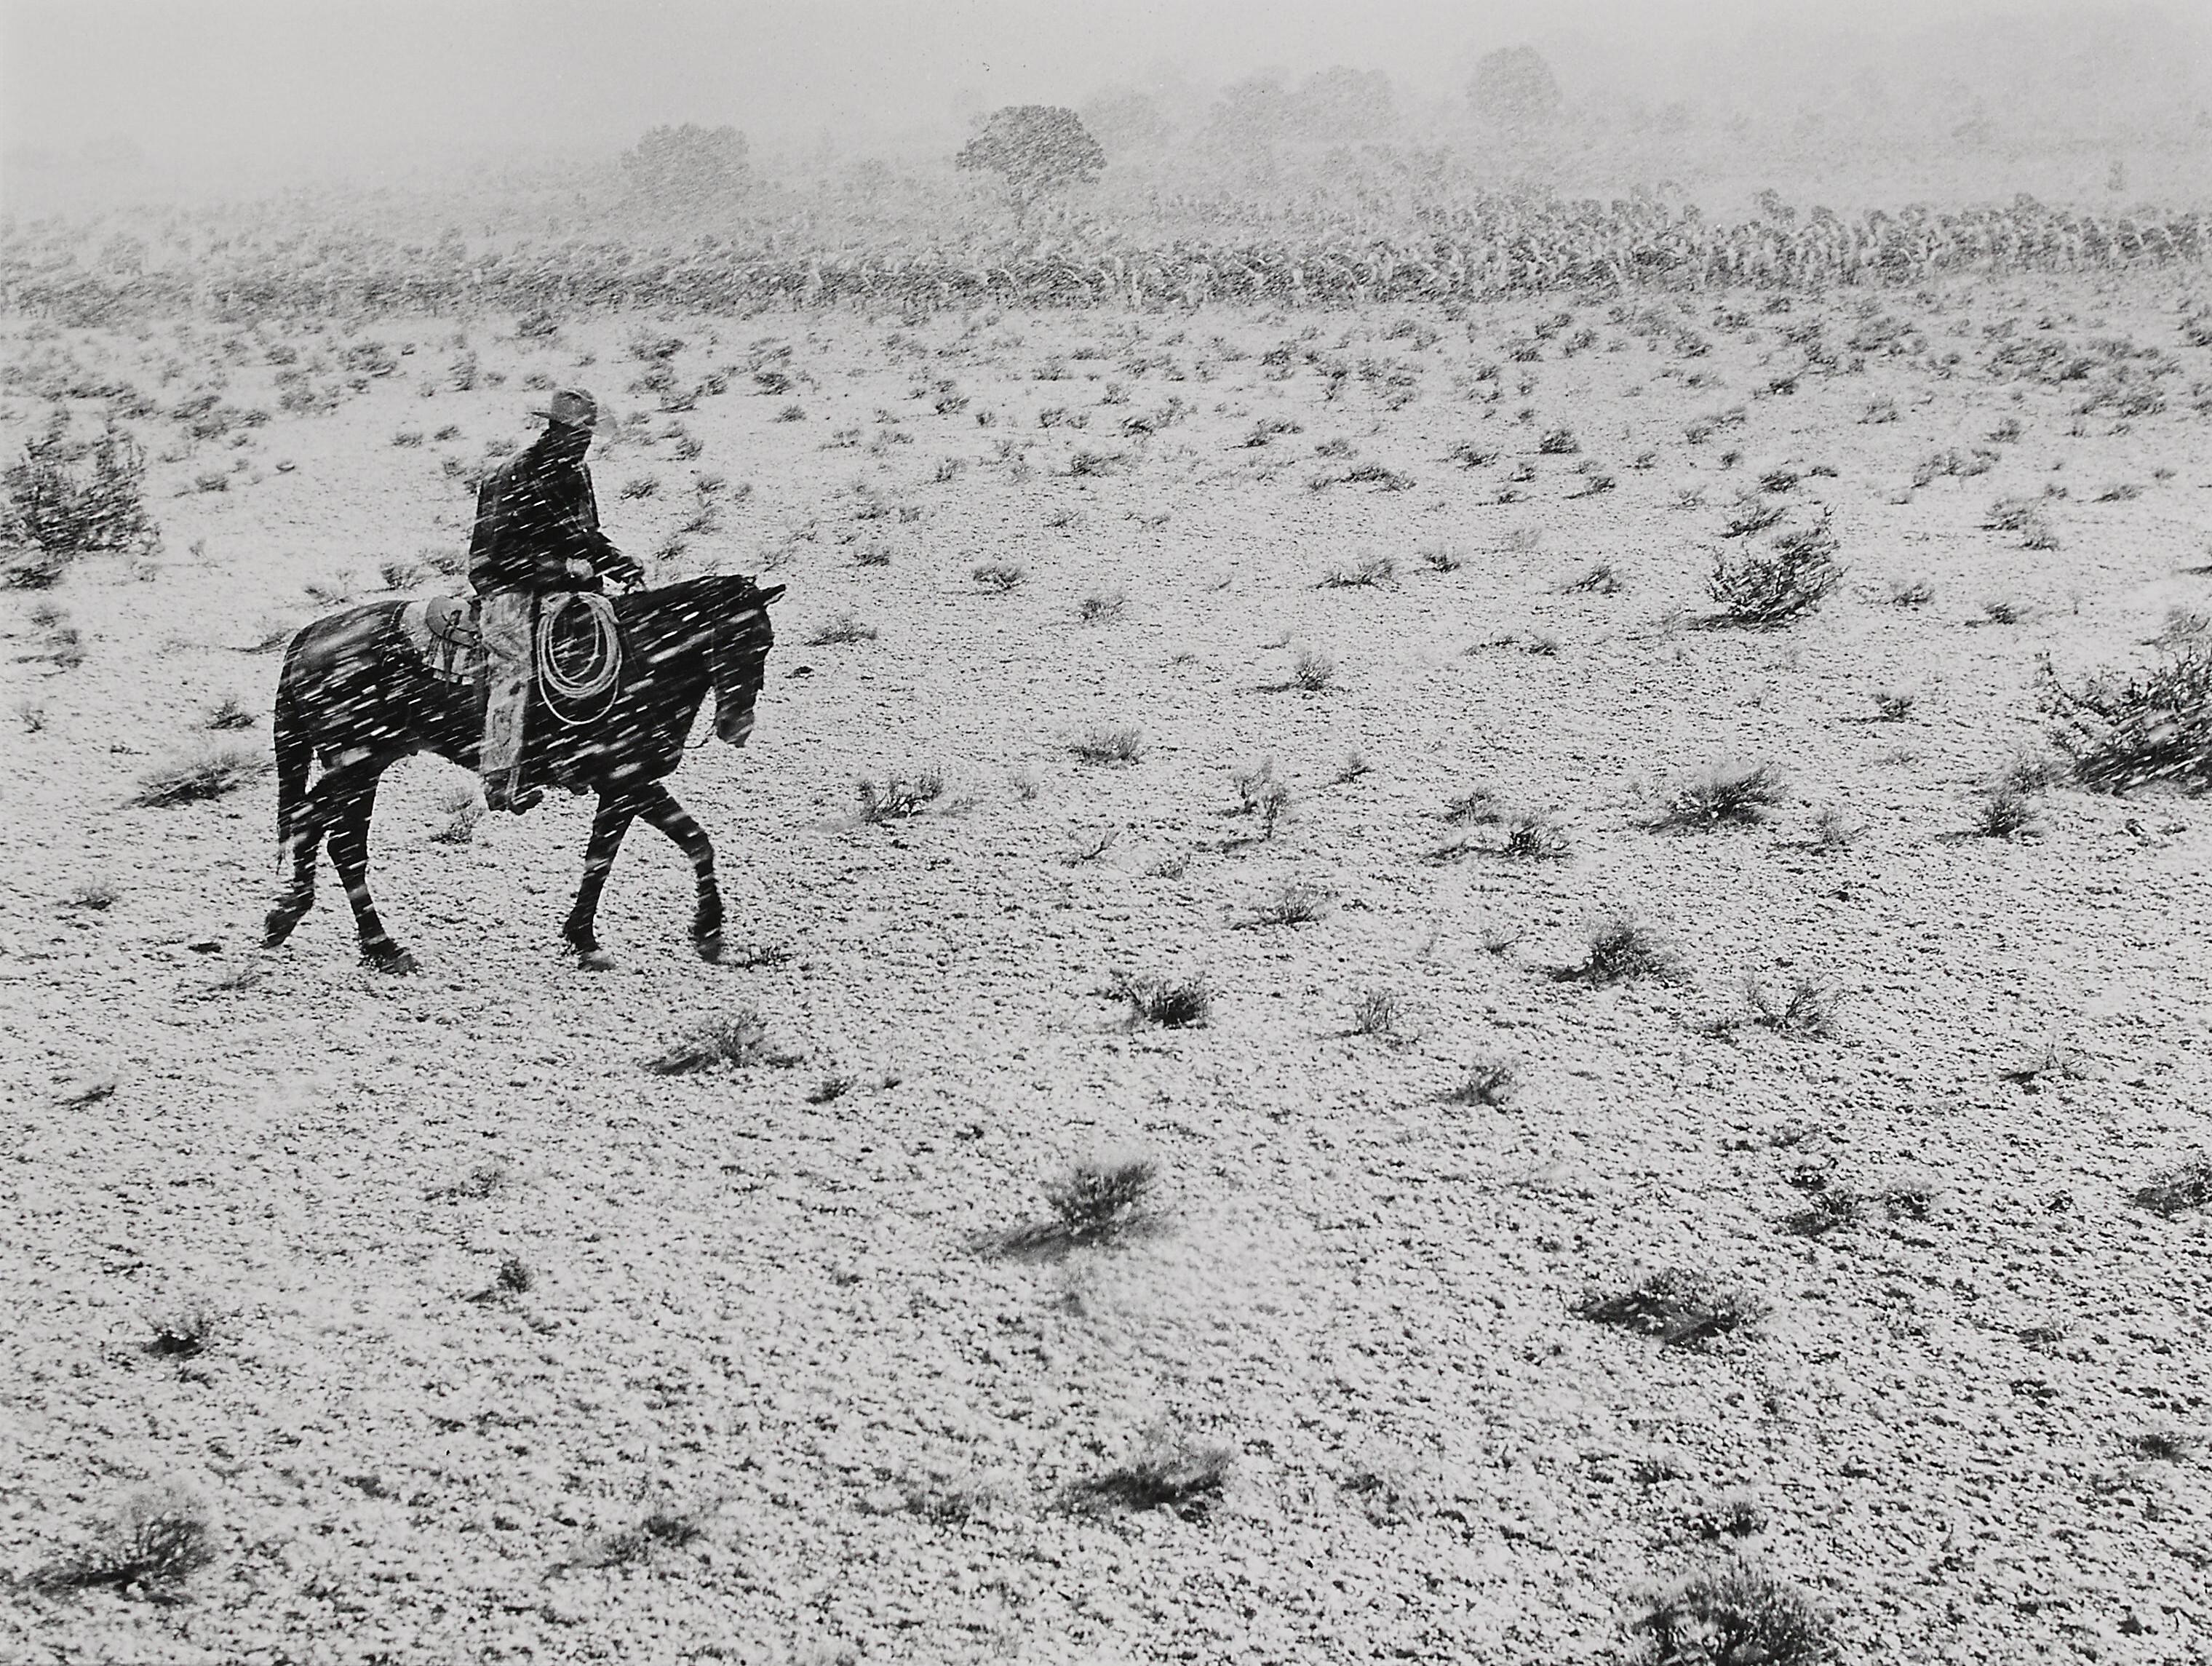 Ковбой, Аризона, 1957. Фотограф Пиркл Джонс